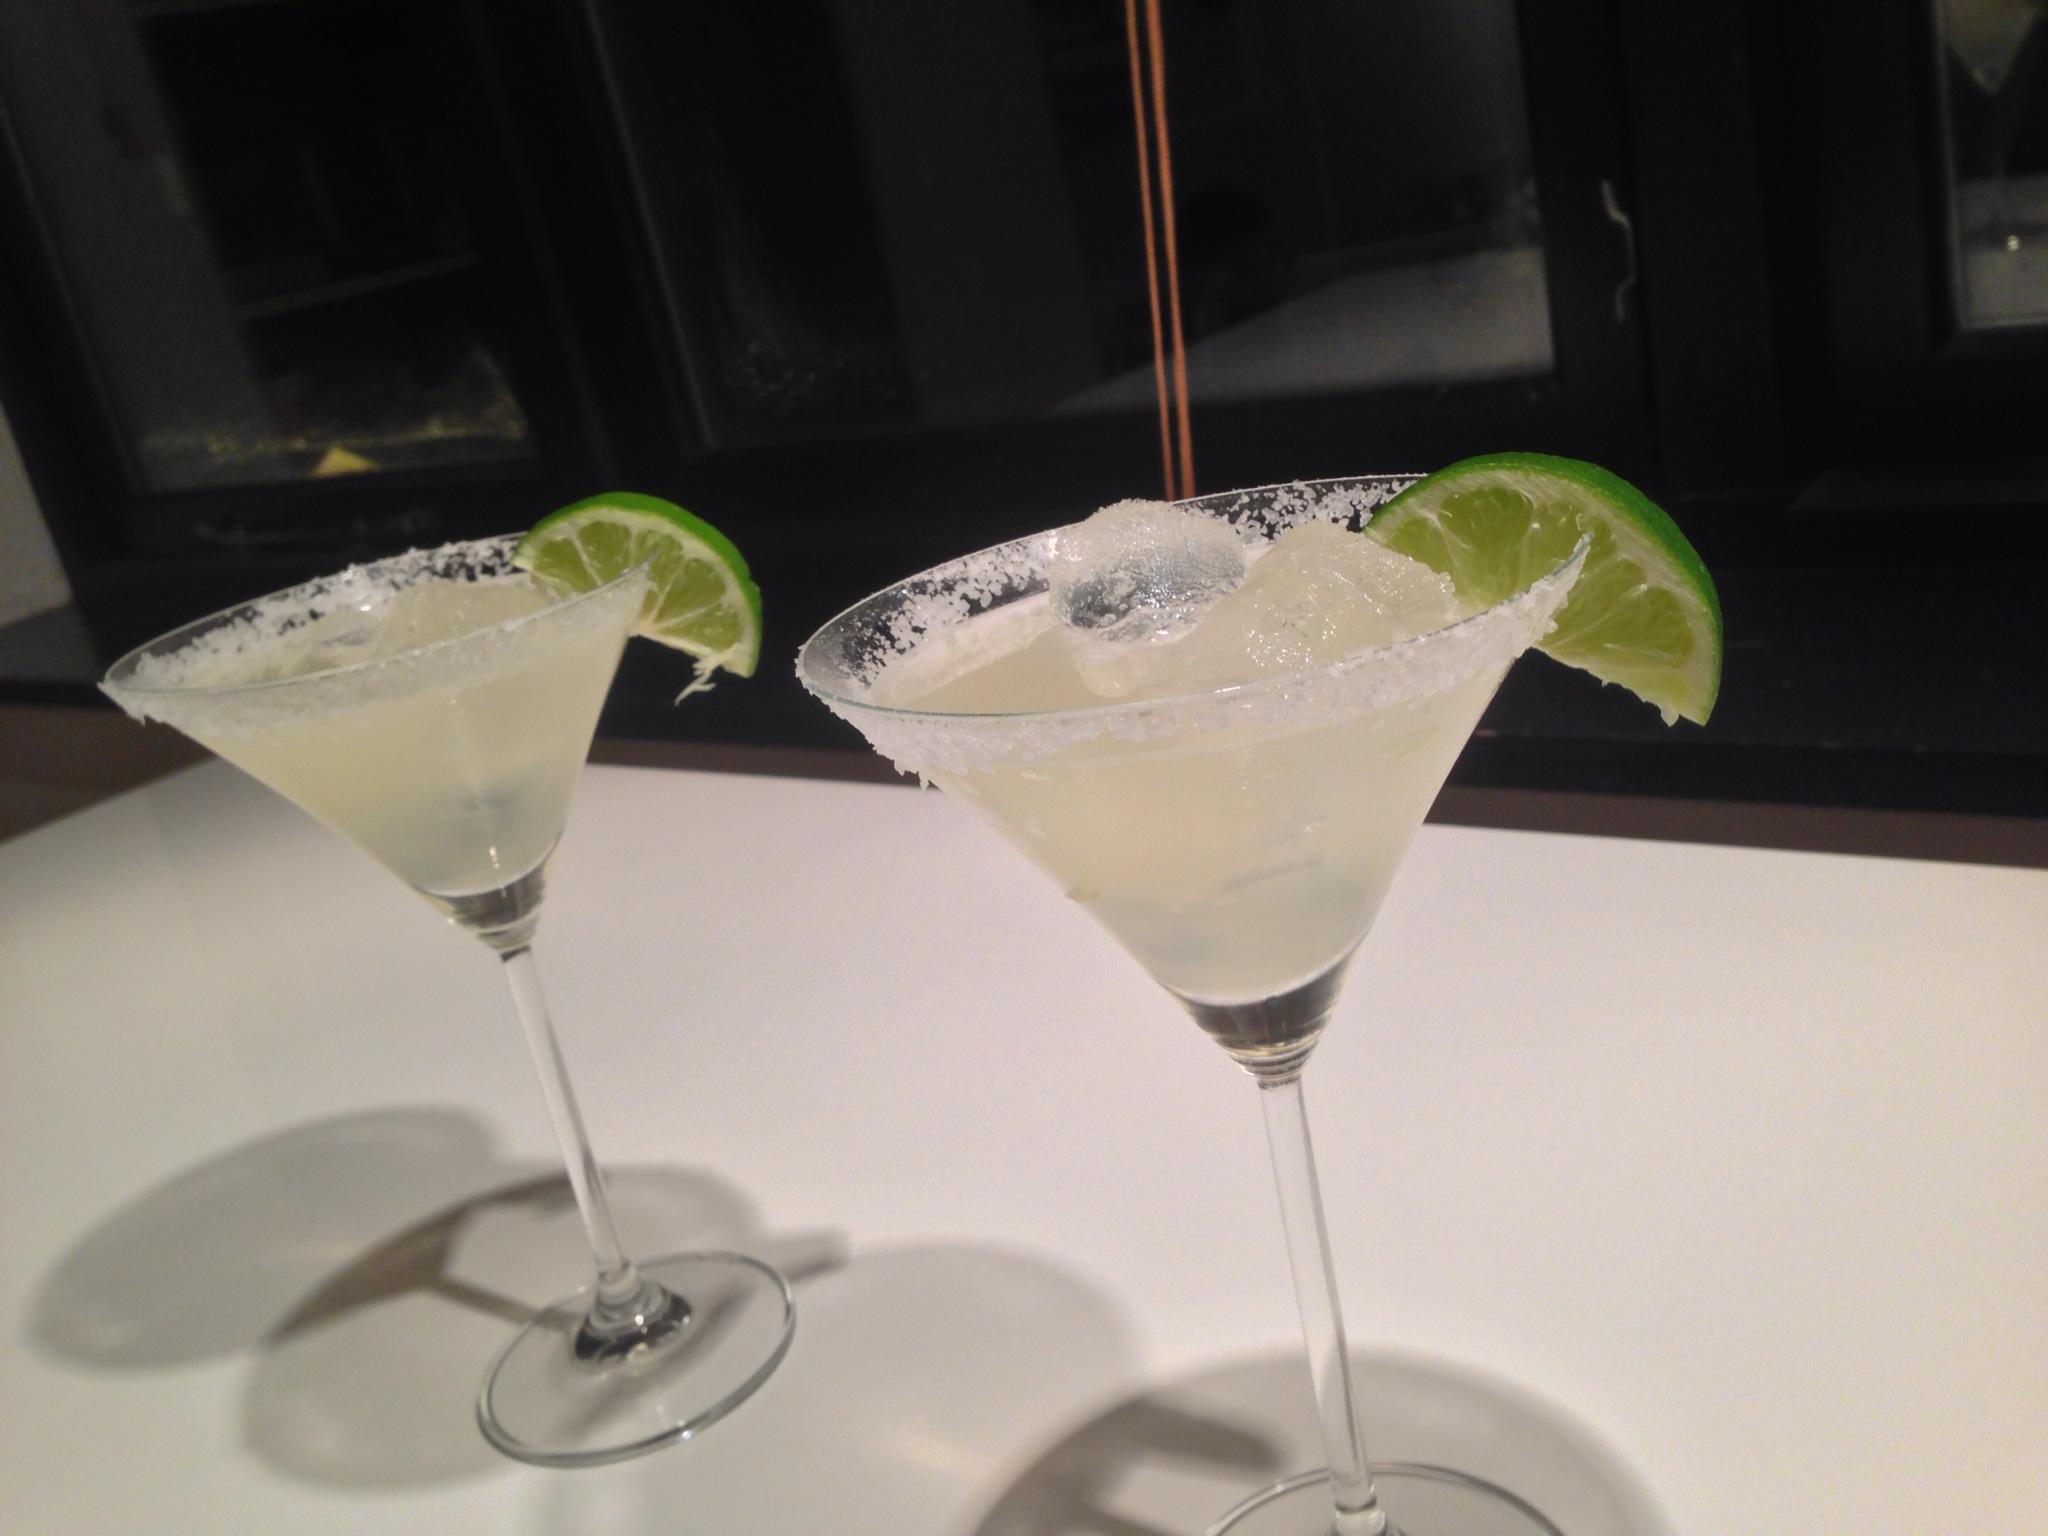 Triple Sec Does Cointreau Make A Better Margarita